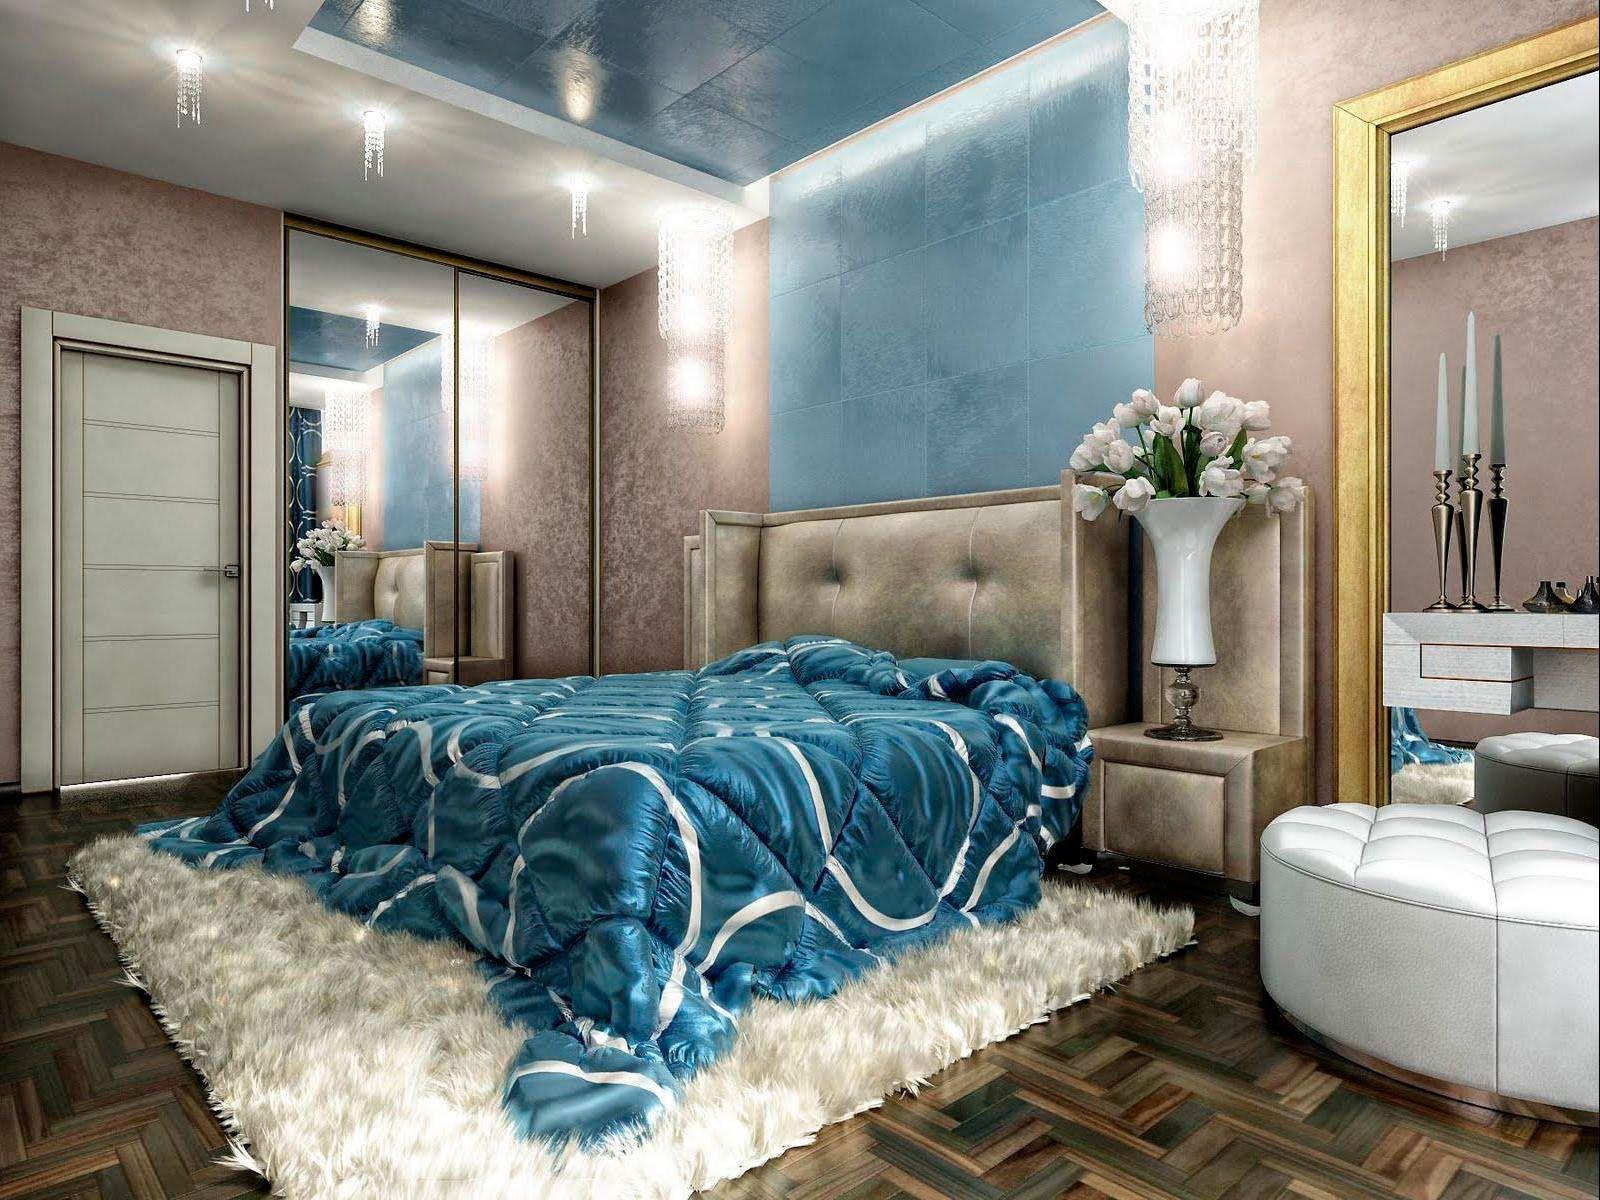 Как правильно должна стоять кровать в спальне по фен шую в соответствии со сторонами света